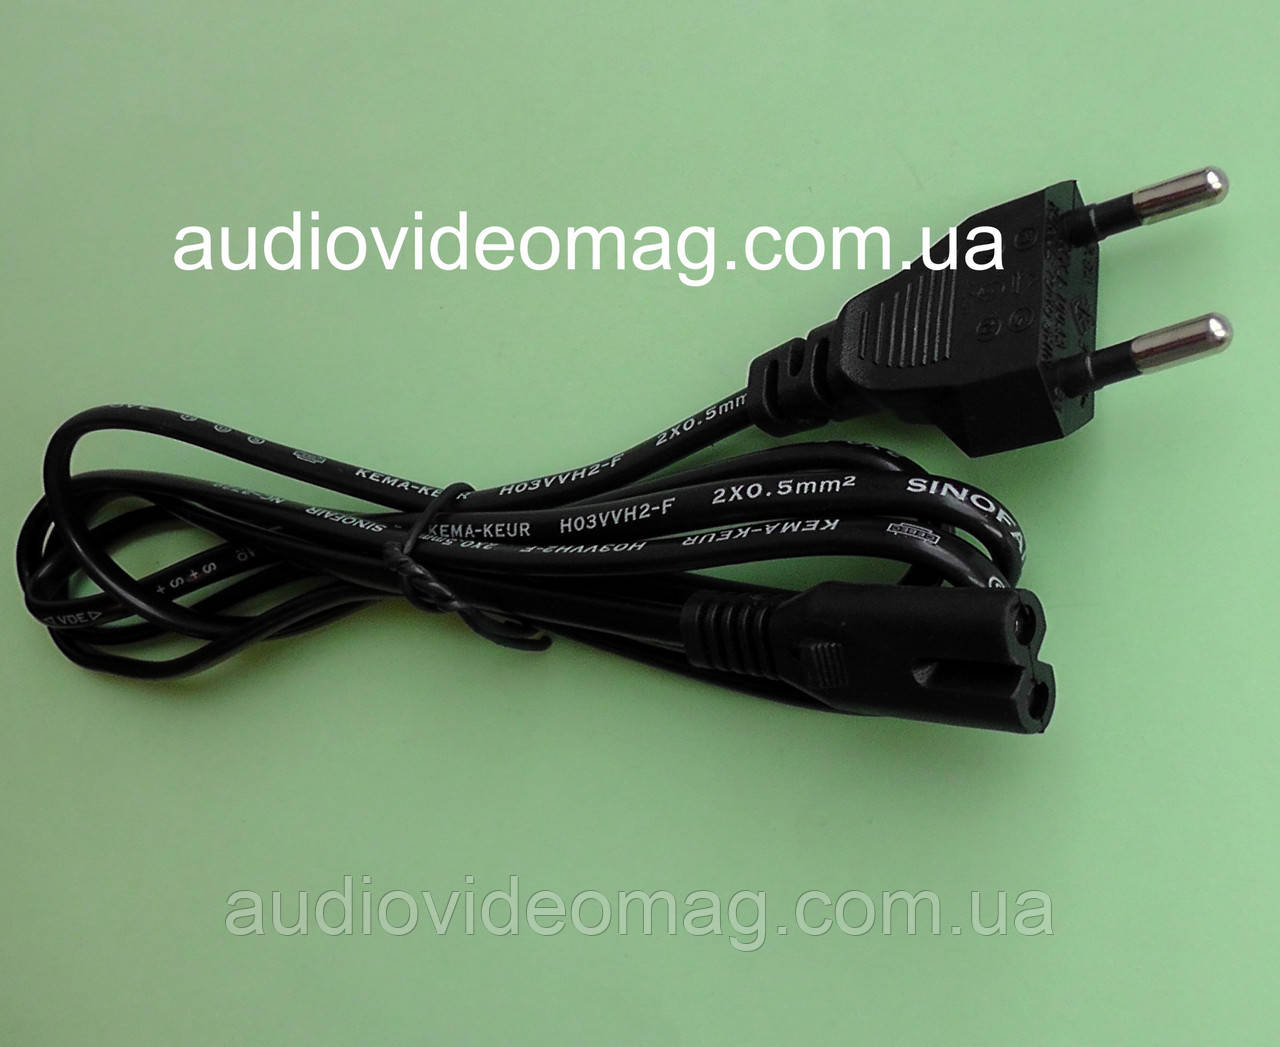 Шнур сетевой (2 pin) двухпиновый 220V для портативной техники, 1,5 м